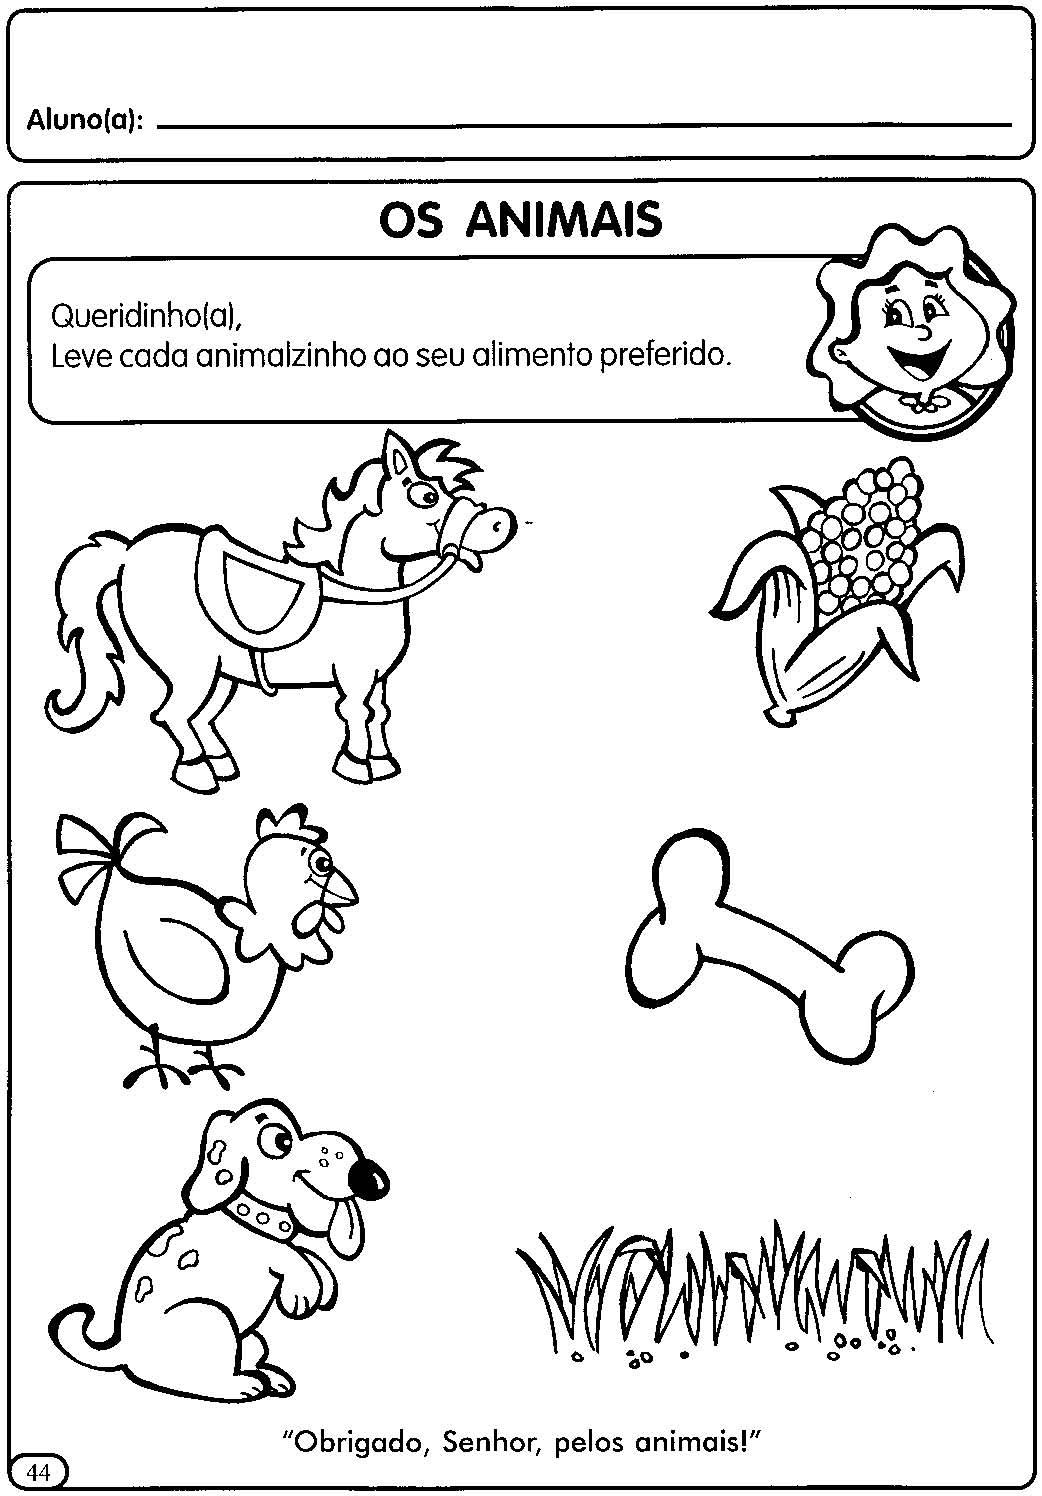 Alegria De Aprender Na Educacao Infantil Atividades Sobre Os Animais Domesticos Selvagens